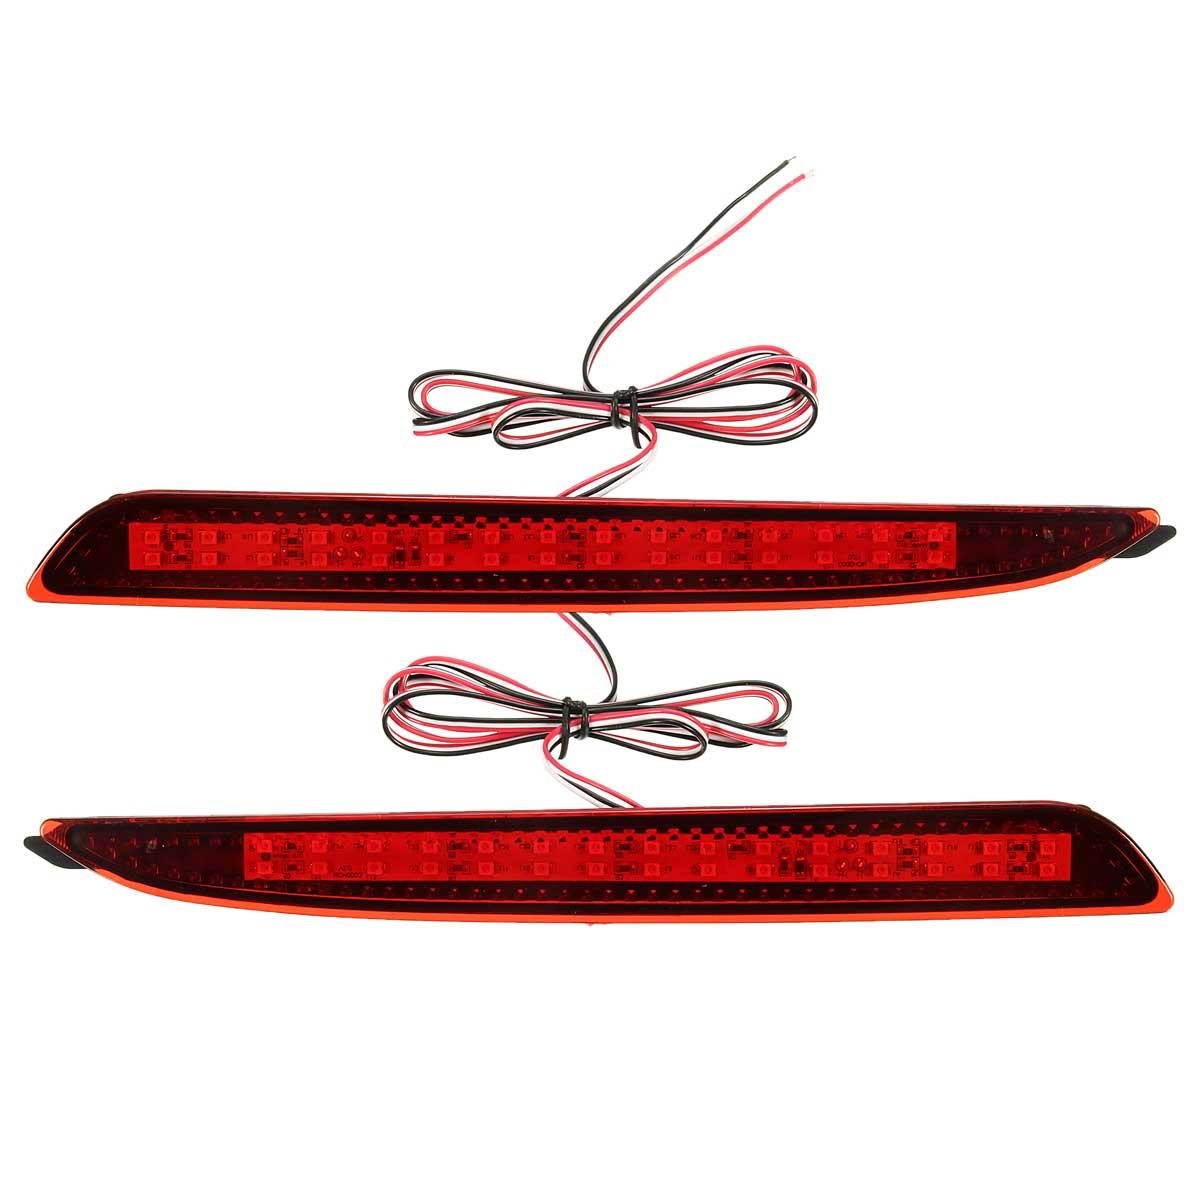 2 Stücke Red LED Heckstoßstange Reflektor Lichter Parken Warnung Für Mazda 3 2010 2011 2012 2013 2014 2015